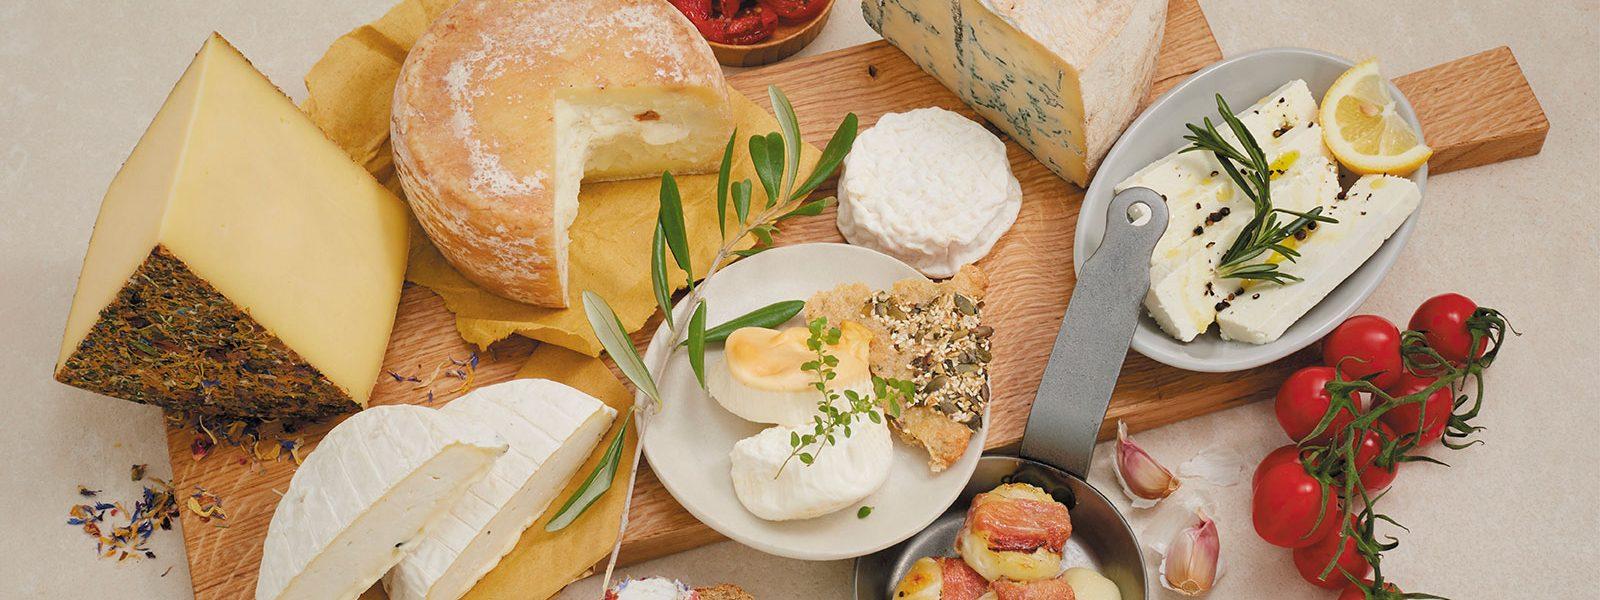 Stilbild mit verschiedenen Käsen